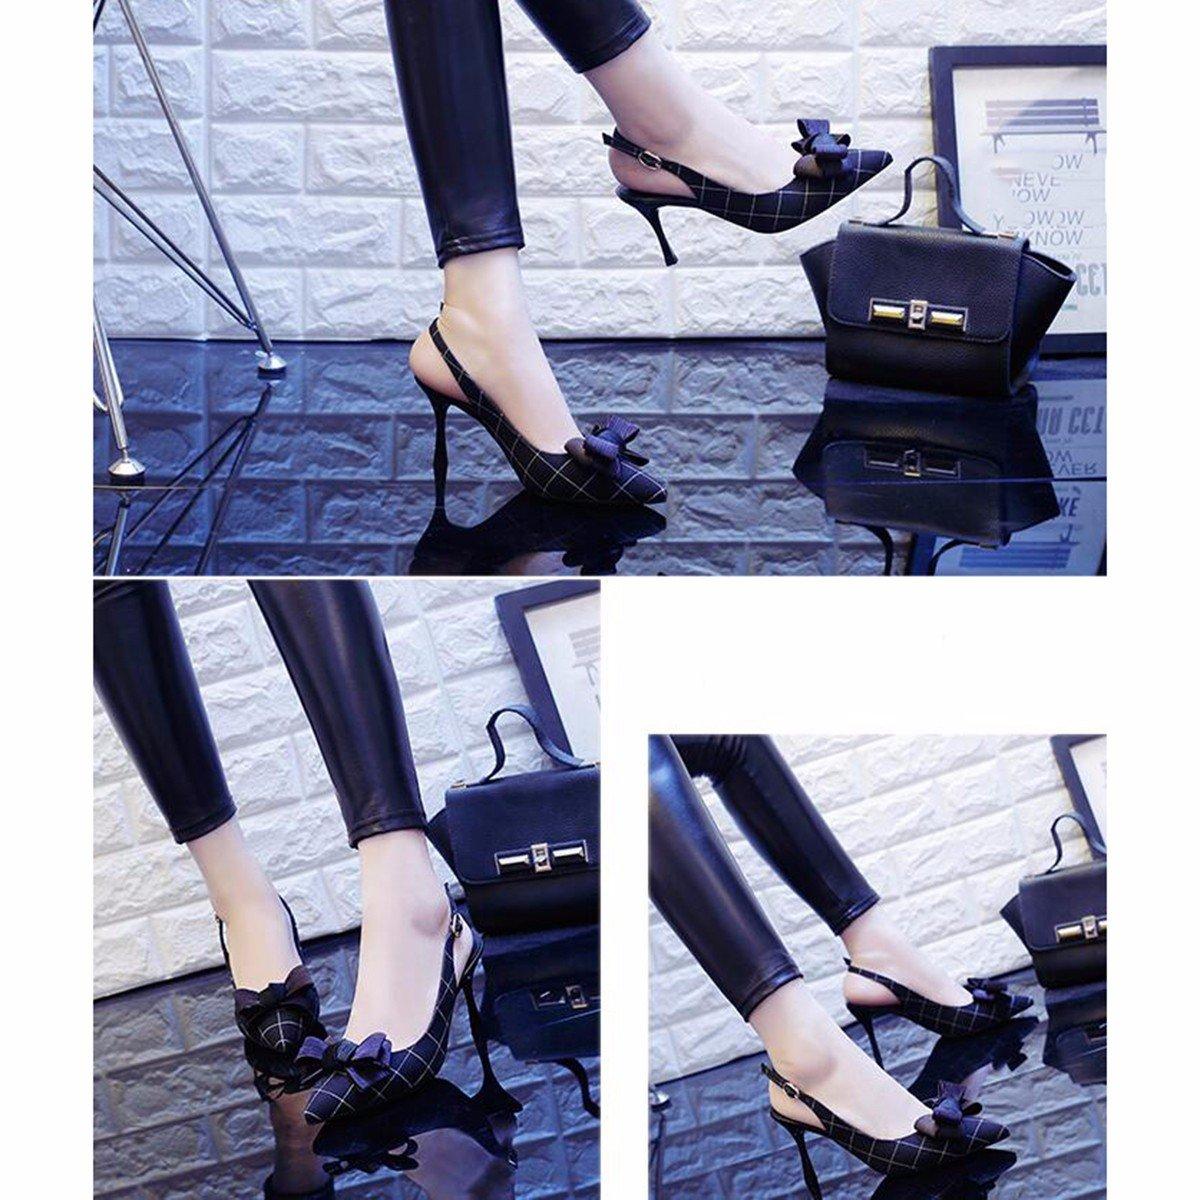 JRFBA-Schuhe Sommer Hochhackigen Schuhe Sagte mit Dünnen und Sharp Sagte Schuhe Bogen Verbunden mit Sandalen und Damenschuhe. schwarz afca1c